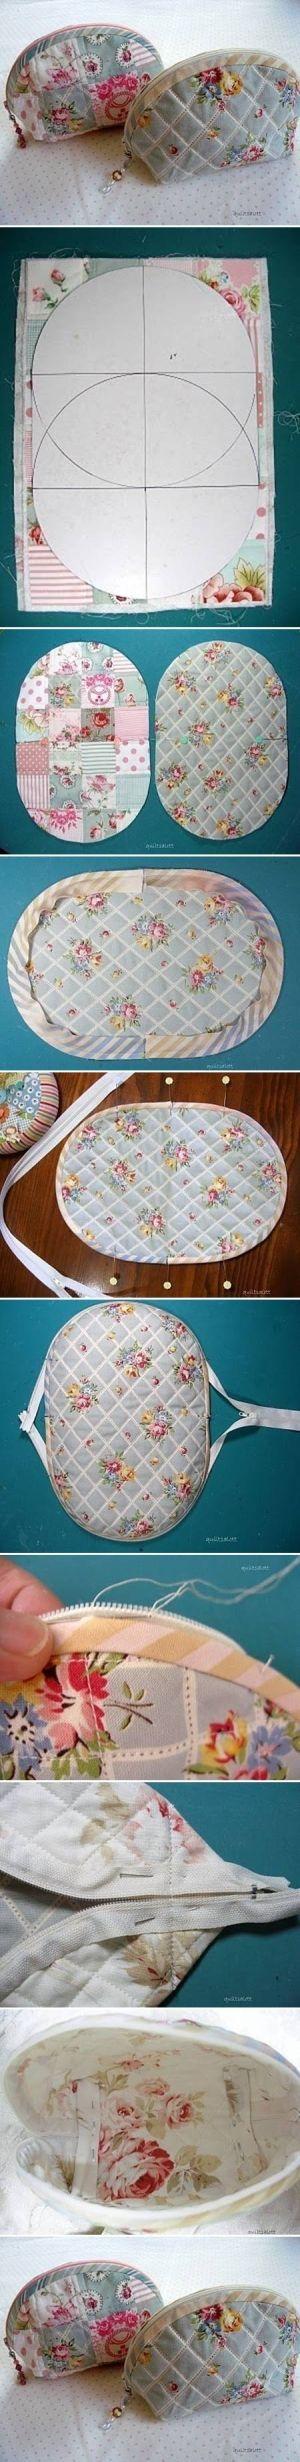 DIY Sew Makeup Bag DIY Sew Makeup Bag by diyforever